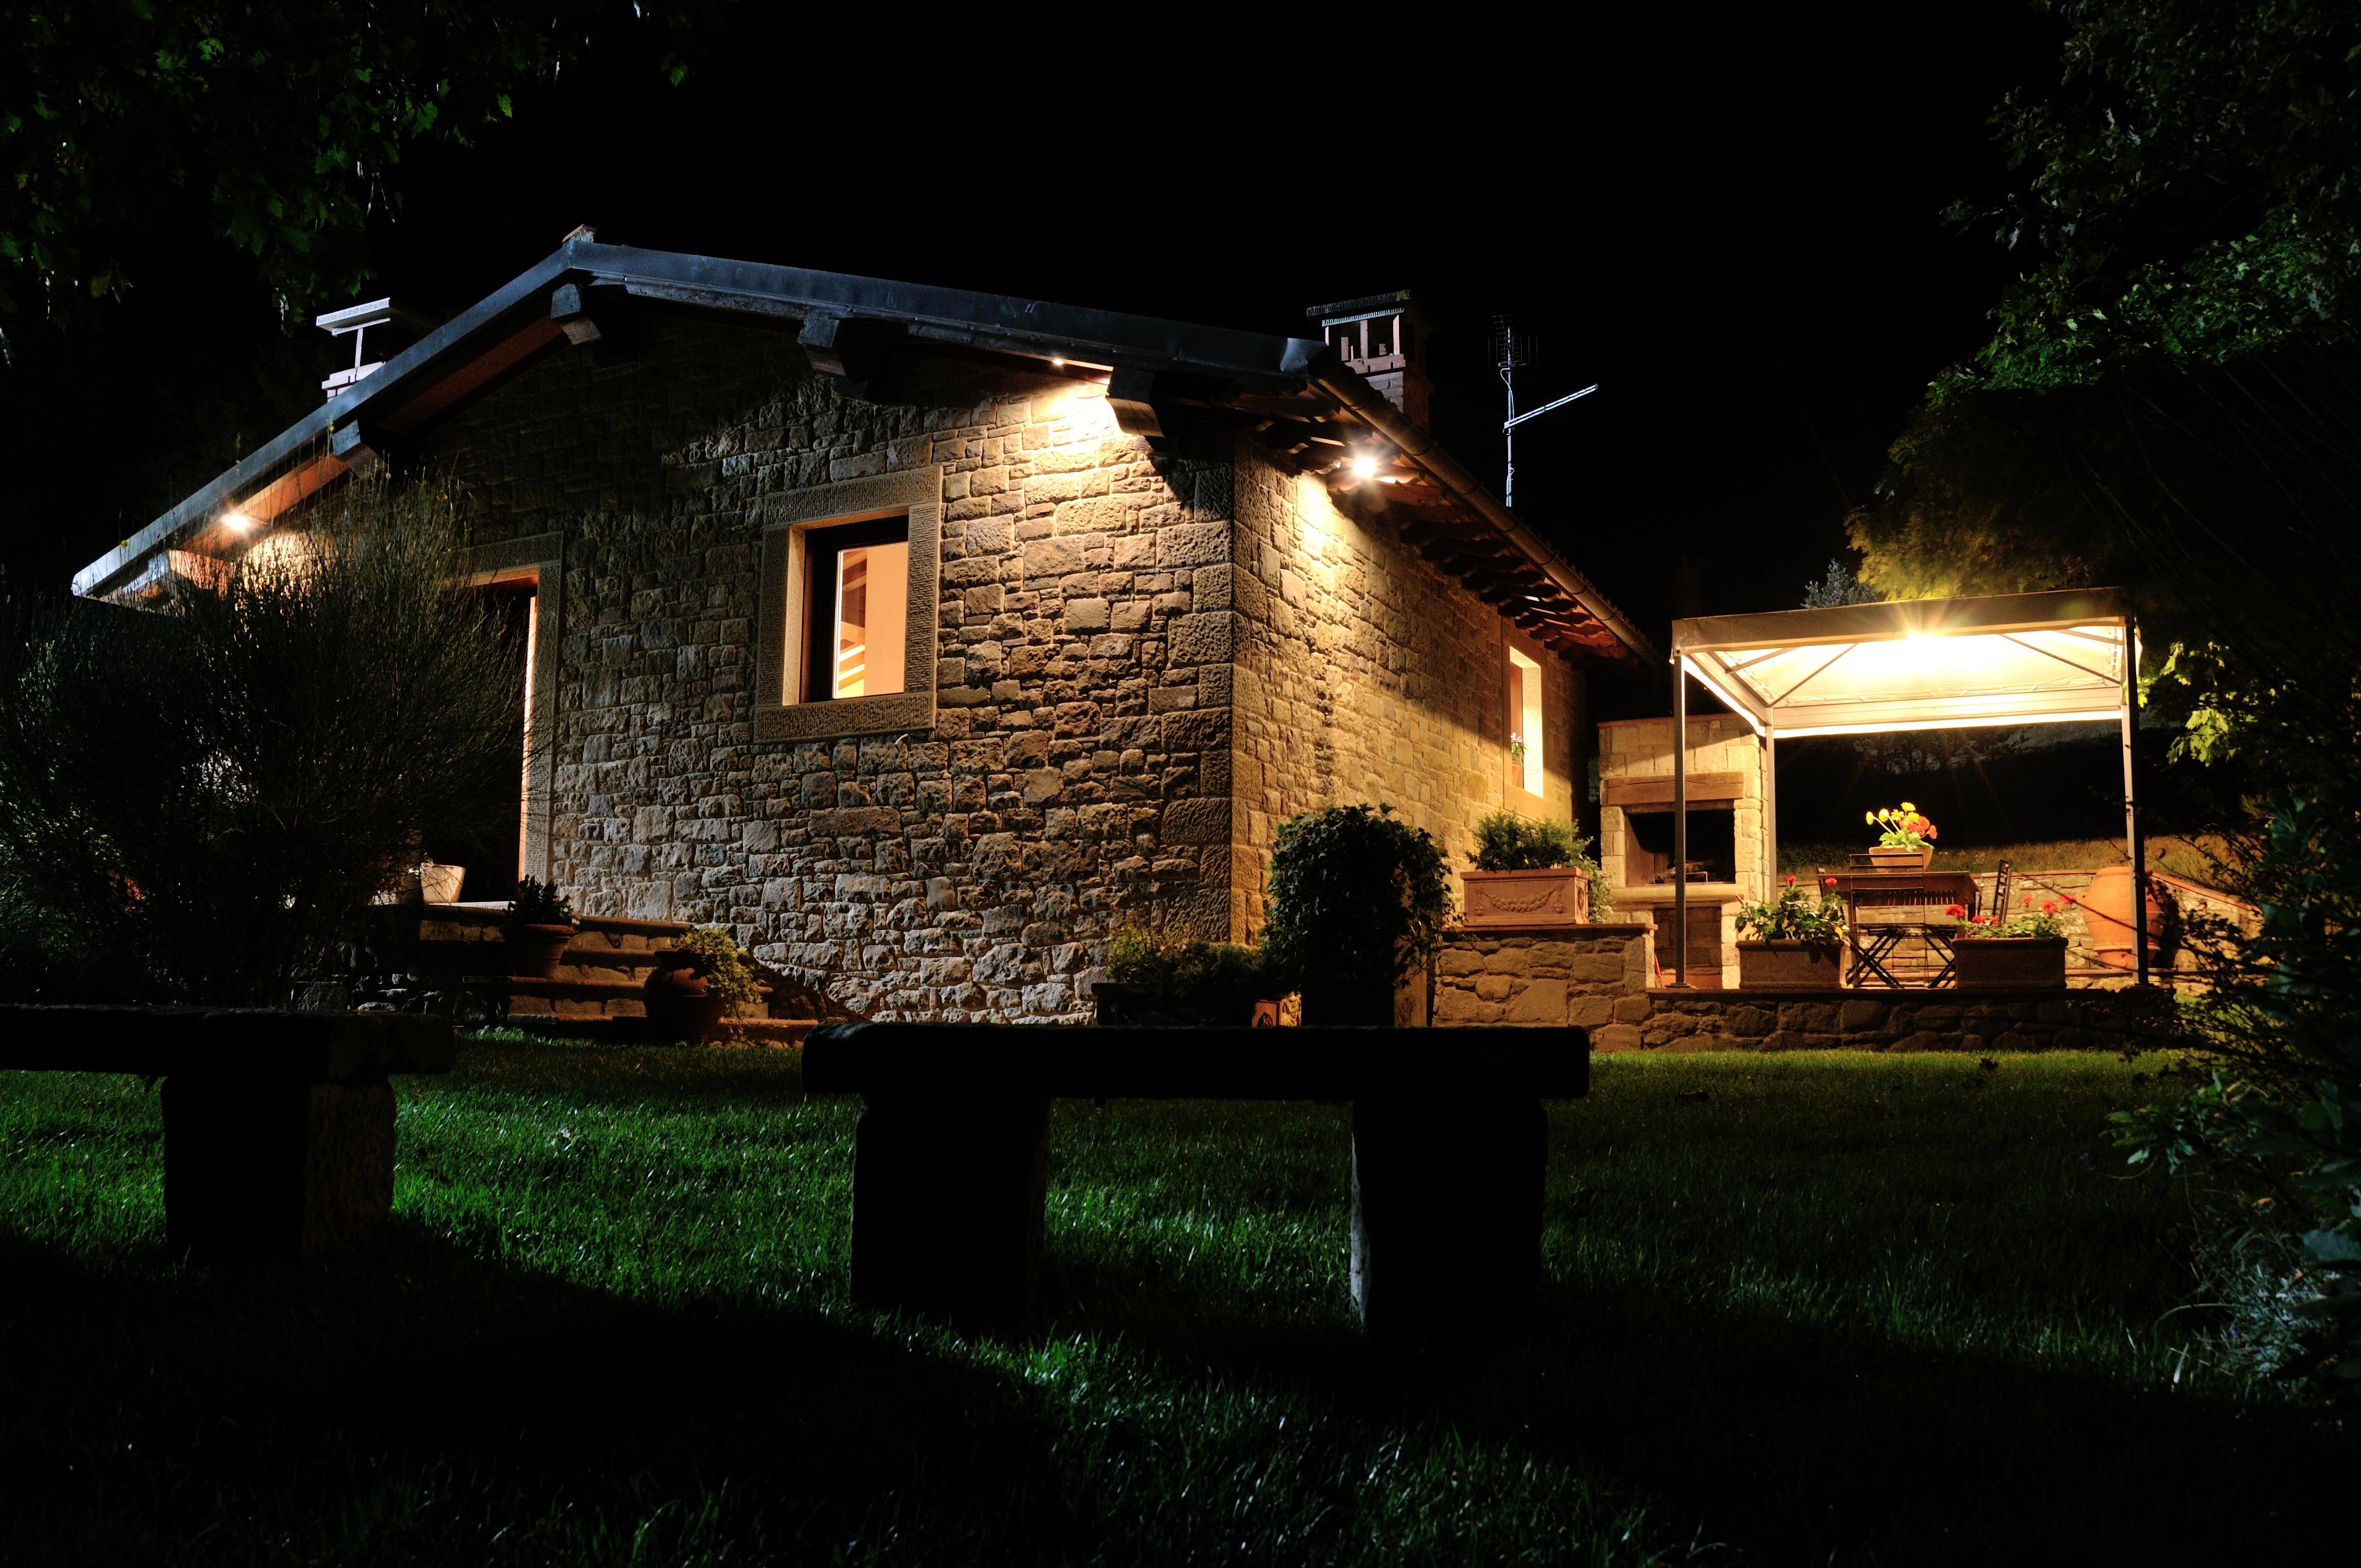 2012-08-06-018-DSC_5426